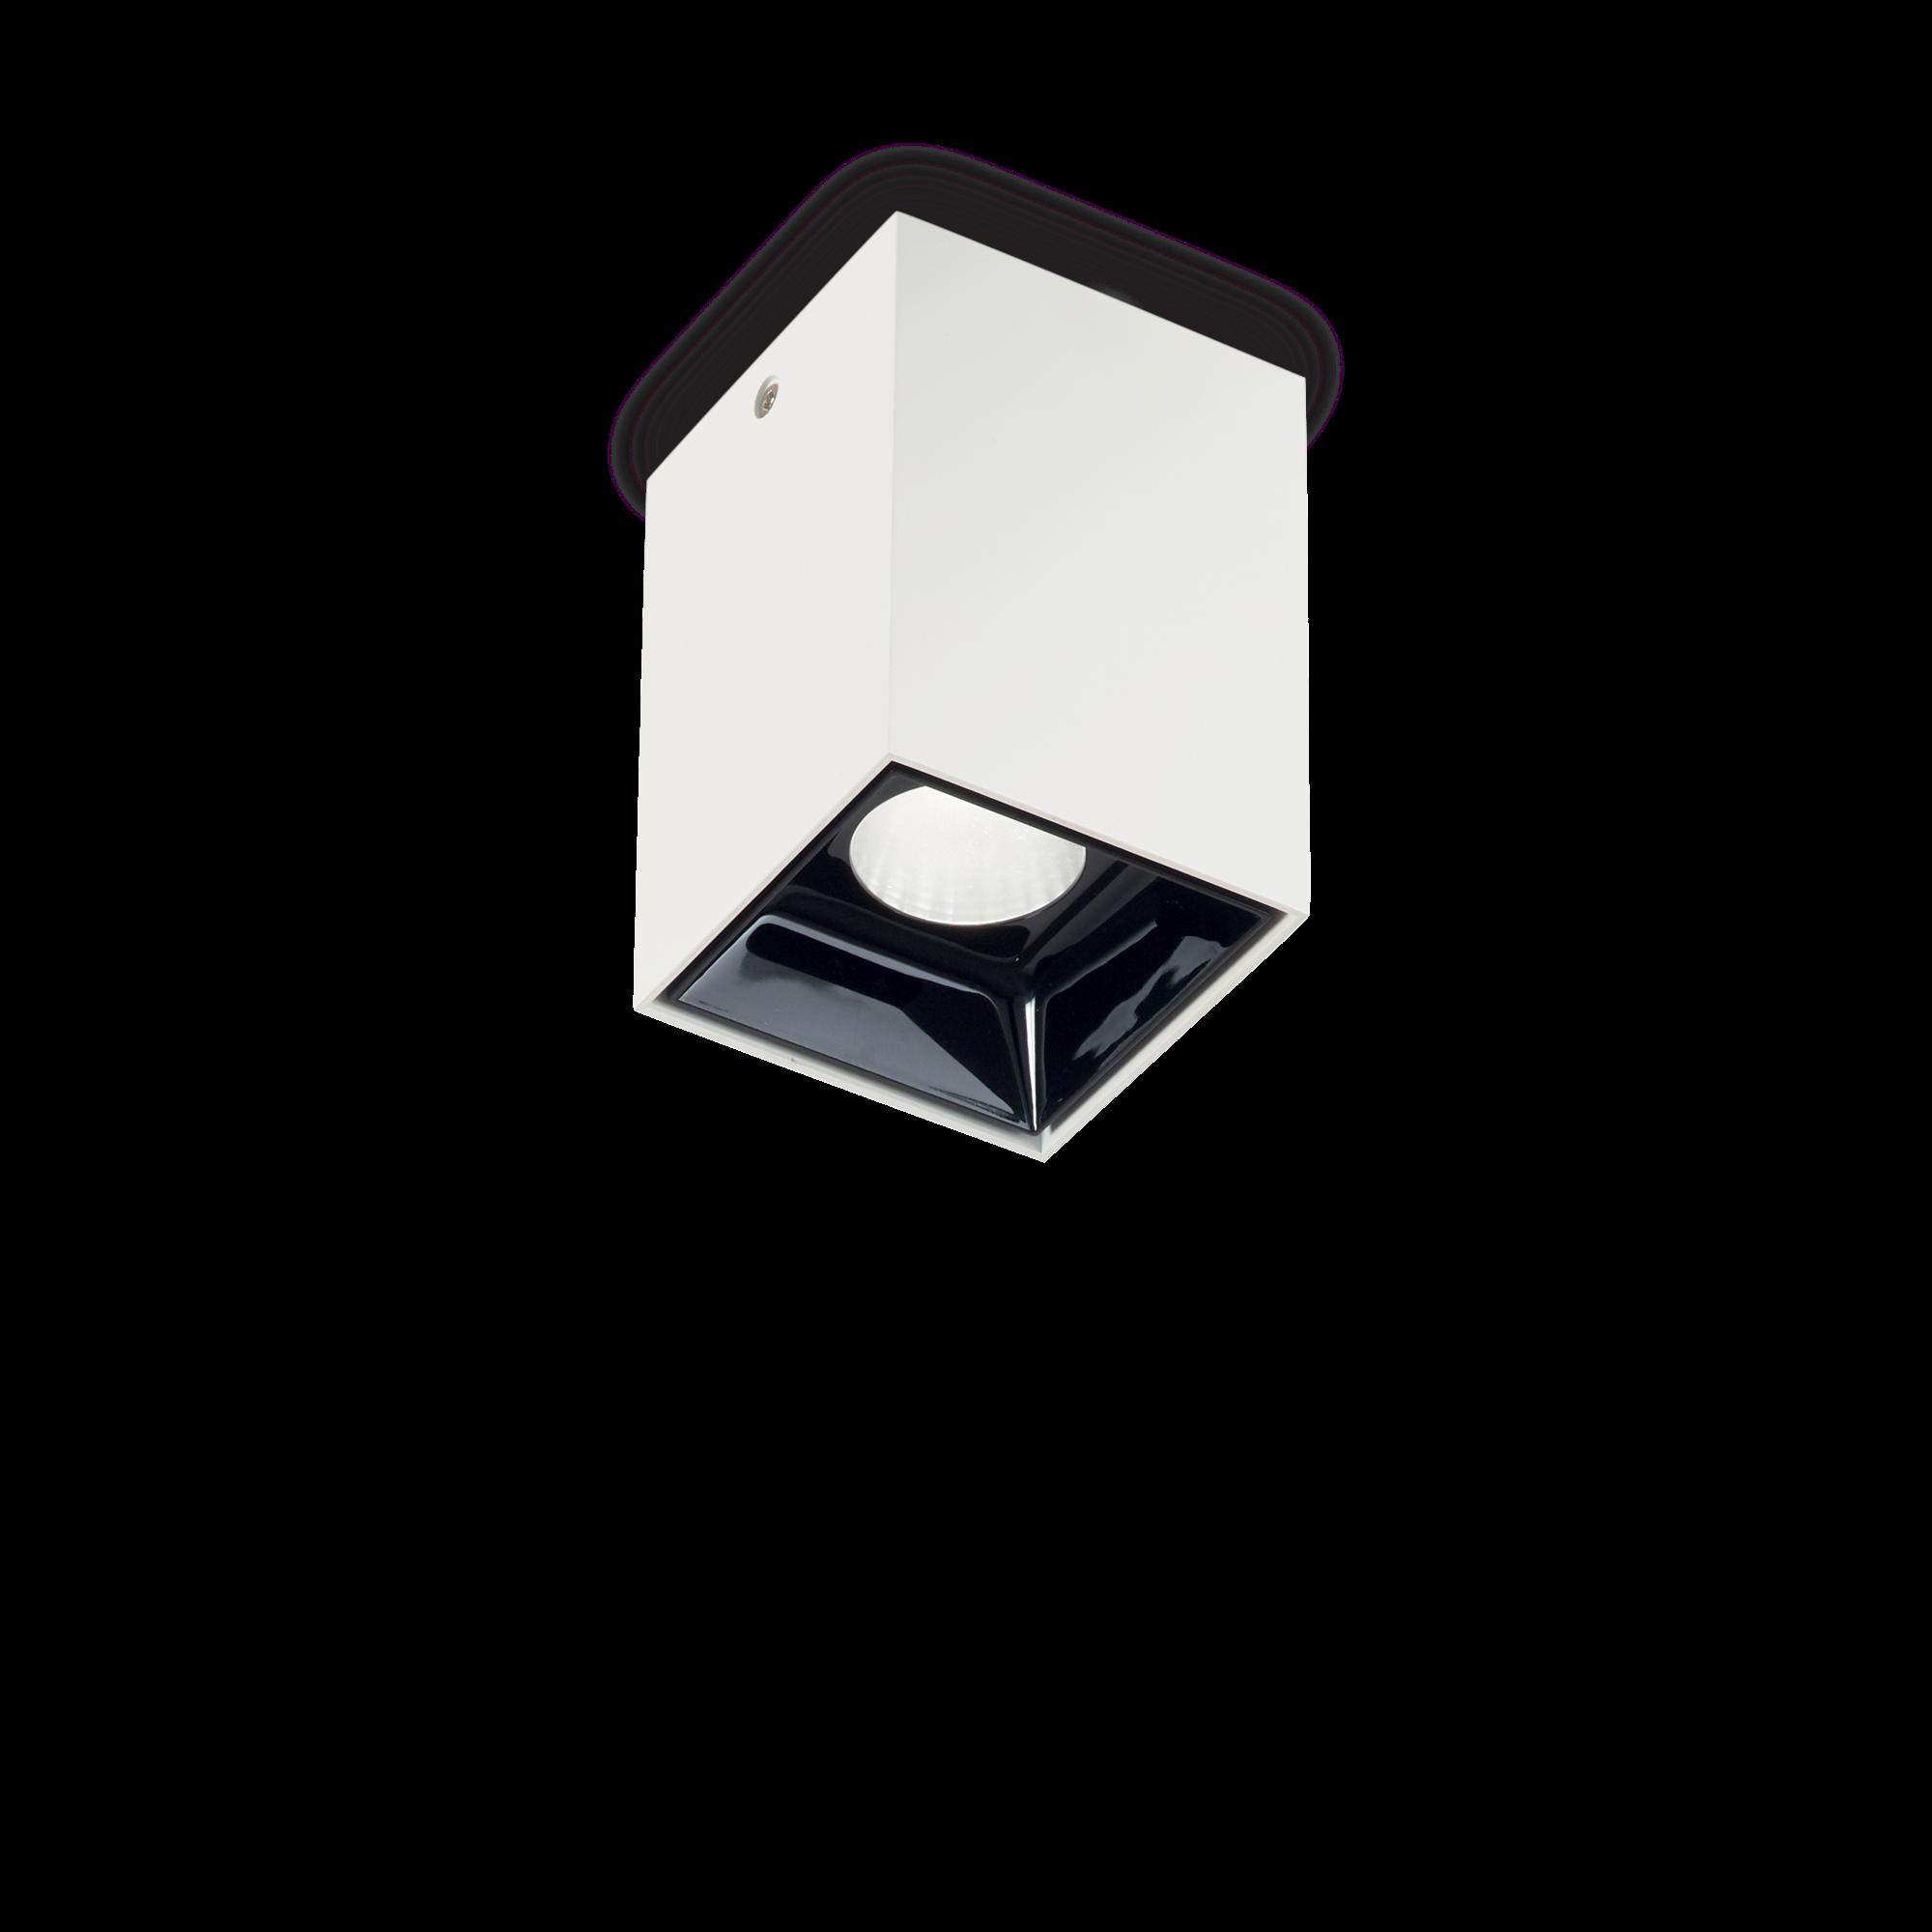 Потолочный светодиодный светильник Ideal Lux NITRO 10W SQUARE BIANCO 206035, LED 10W 3000K 900lm, белый, черный, металл, пластик - фото 1